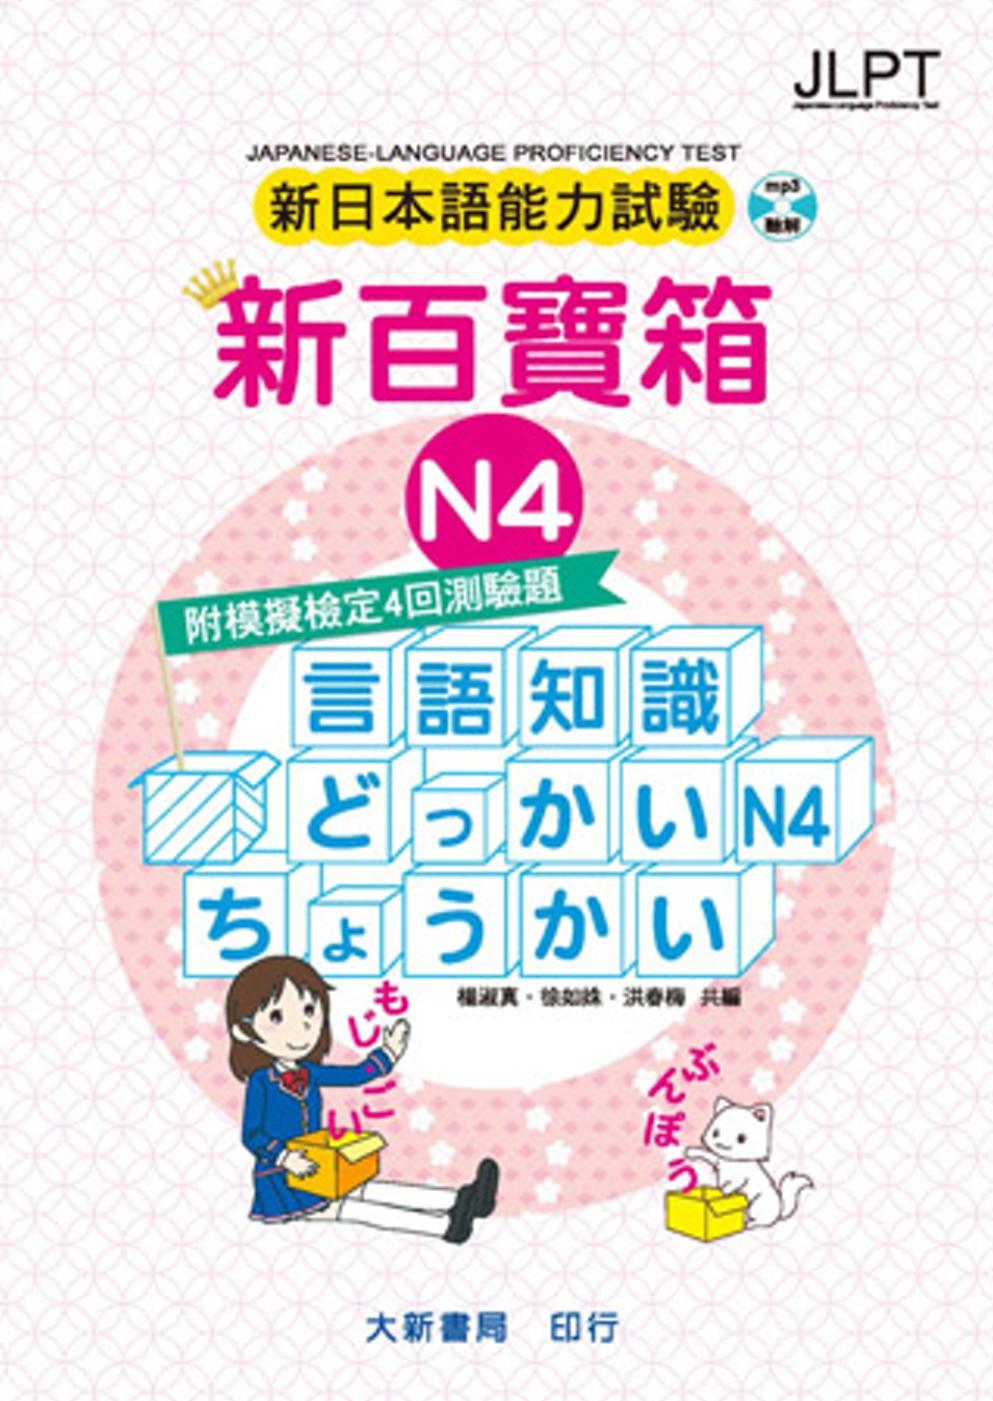 新日本語能力試驗 附模擬檢定4回測驗題 新百寶箱N4(附CD 2片)